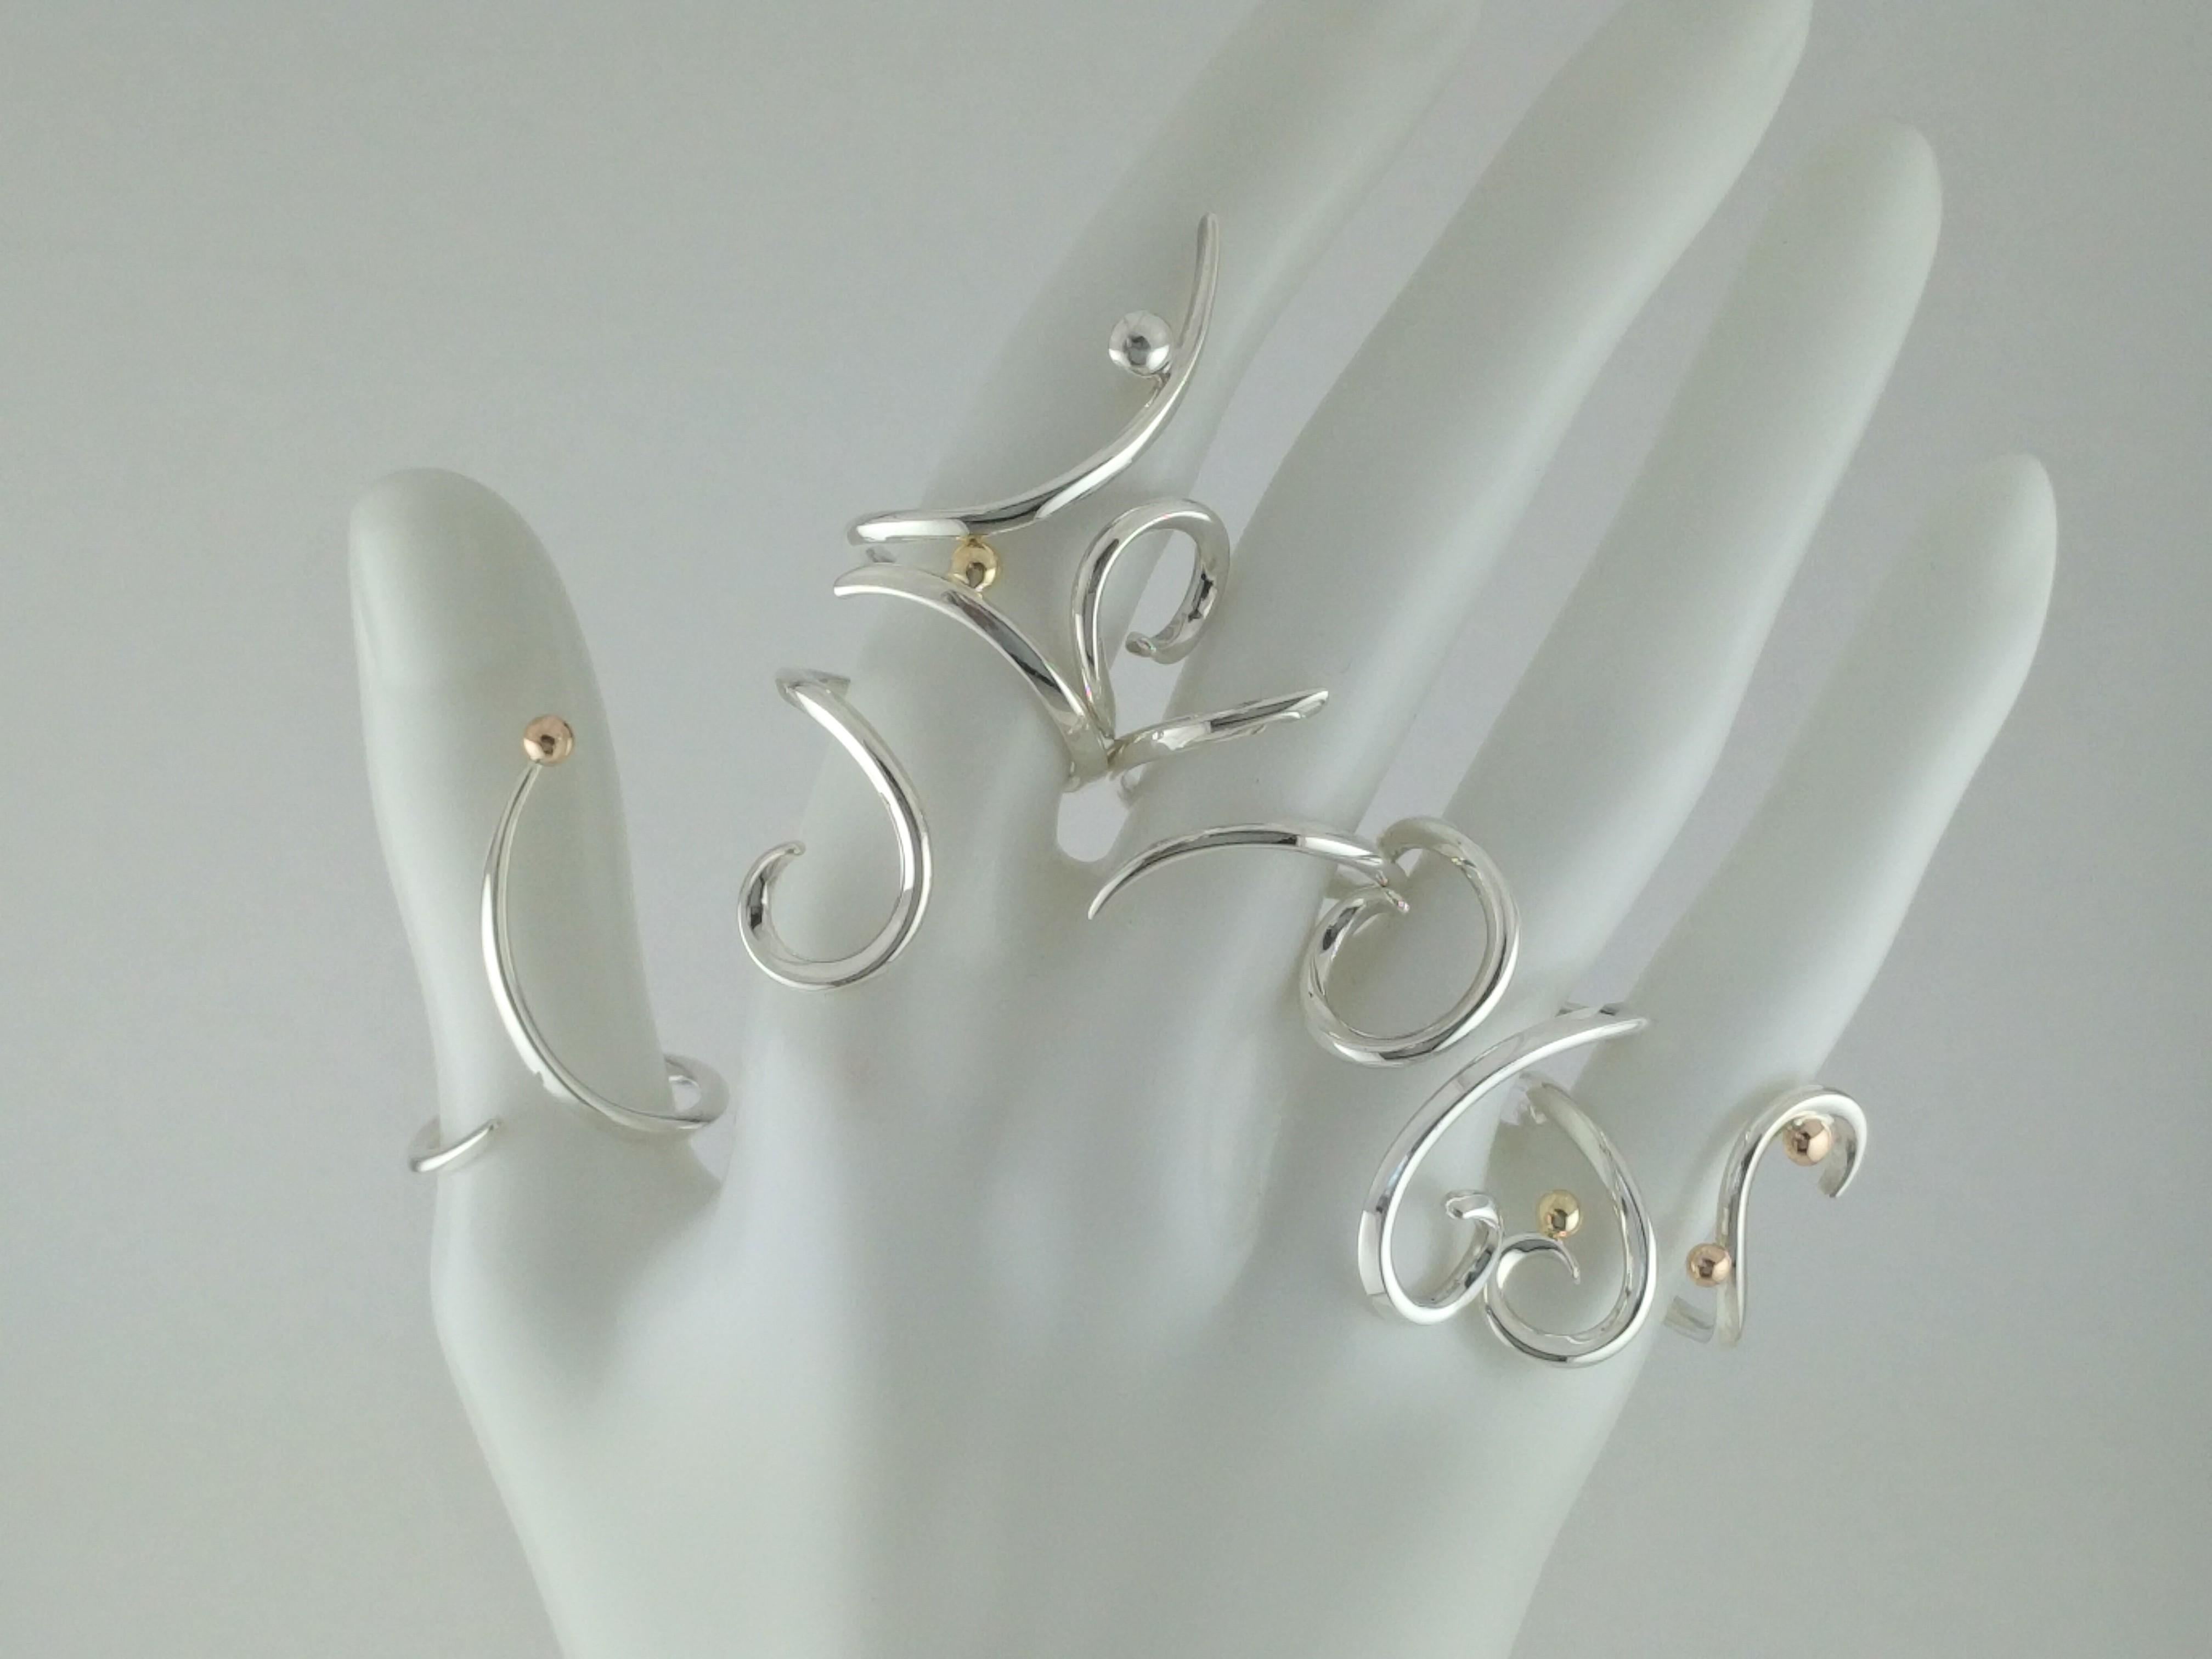 曲線モチーフの指輪 curved line motifed ring